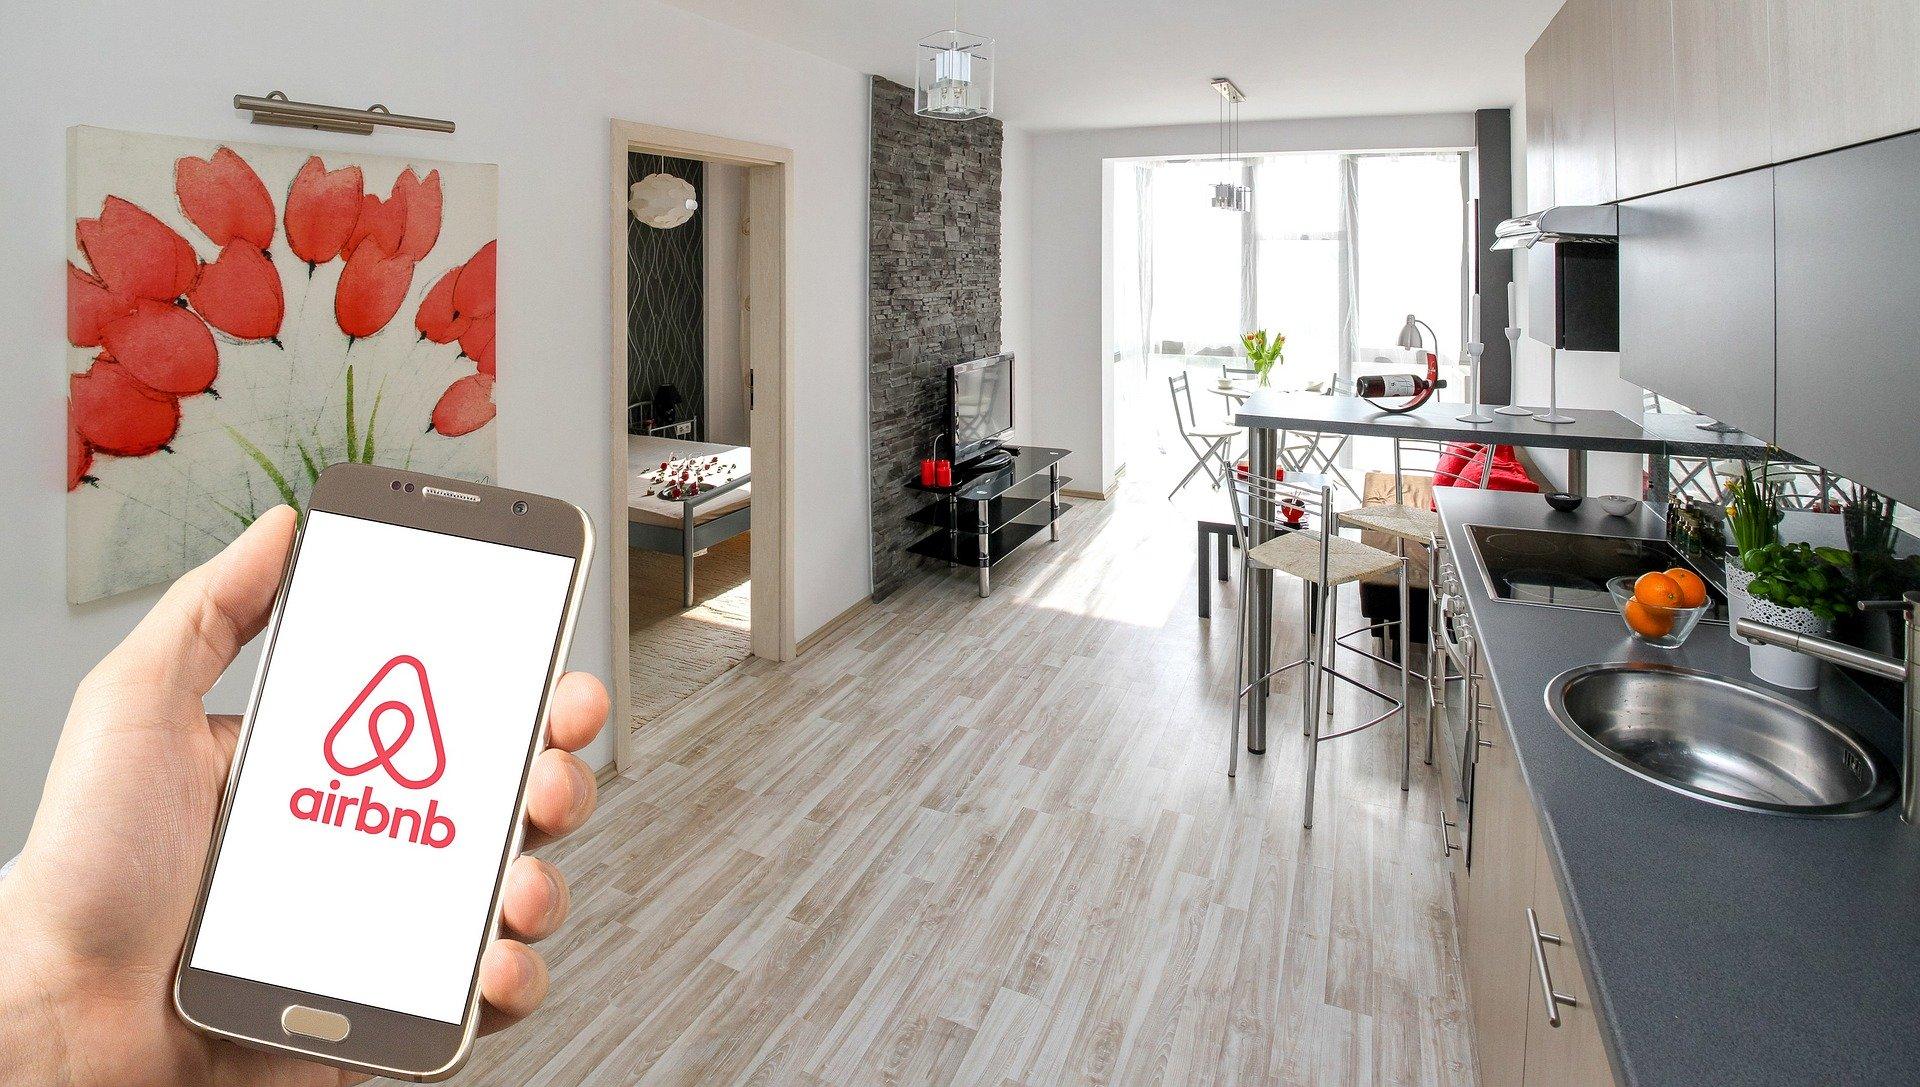 Location de type « Airbnb » : la CJUE valide la législation française destinée à encadrer l'activité de location touristique dans les grandes villes